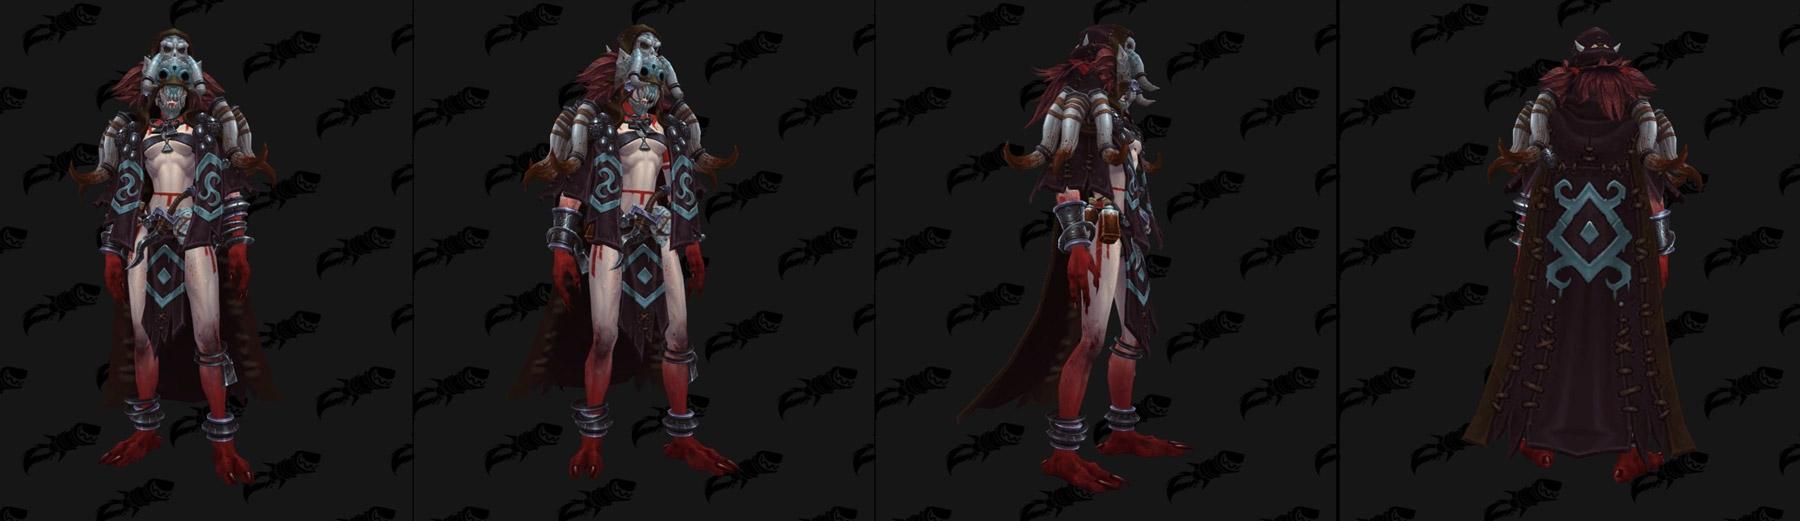 Troll de sang (modèle femme) - Battle for Azeroth